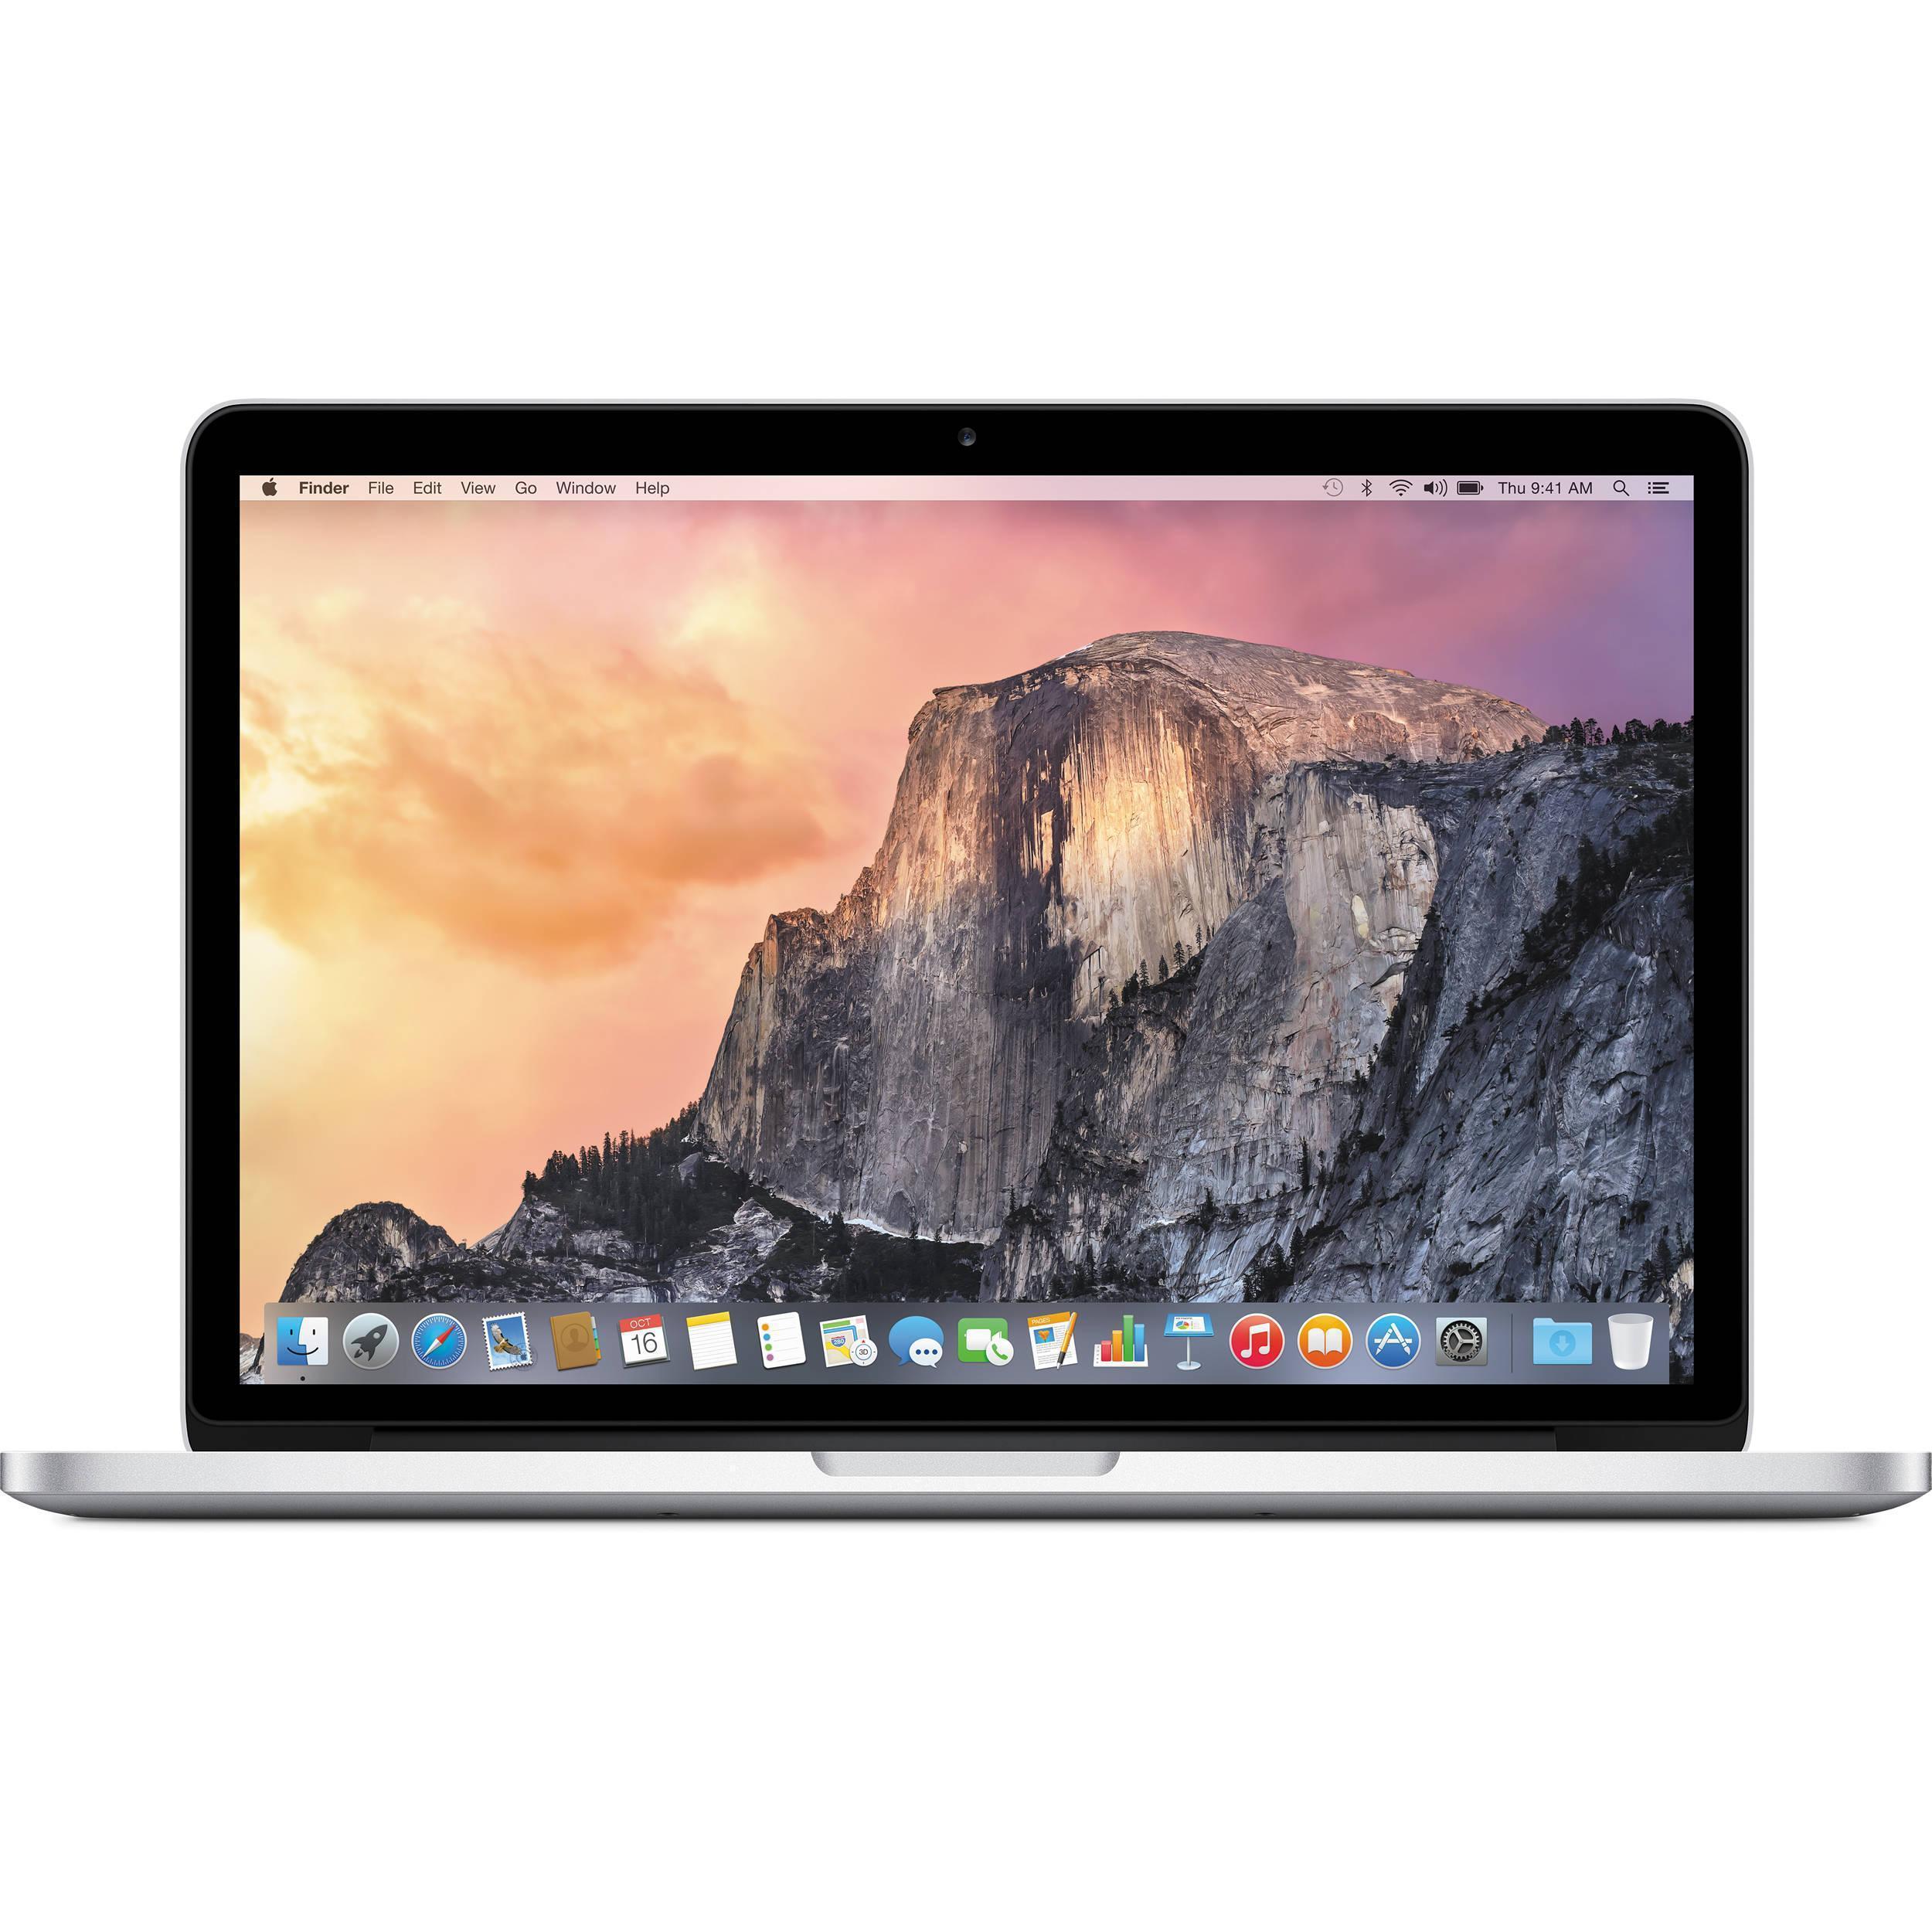 MacBook Pro Retina 13.3-inch (2014) - Core i5 - 8GB - SSD 512 GB QWERTZ - German